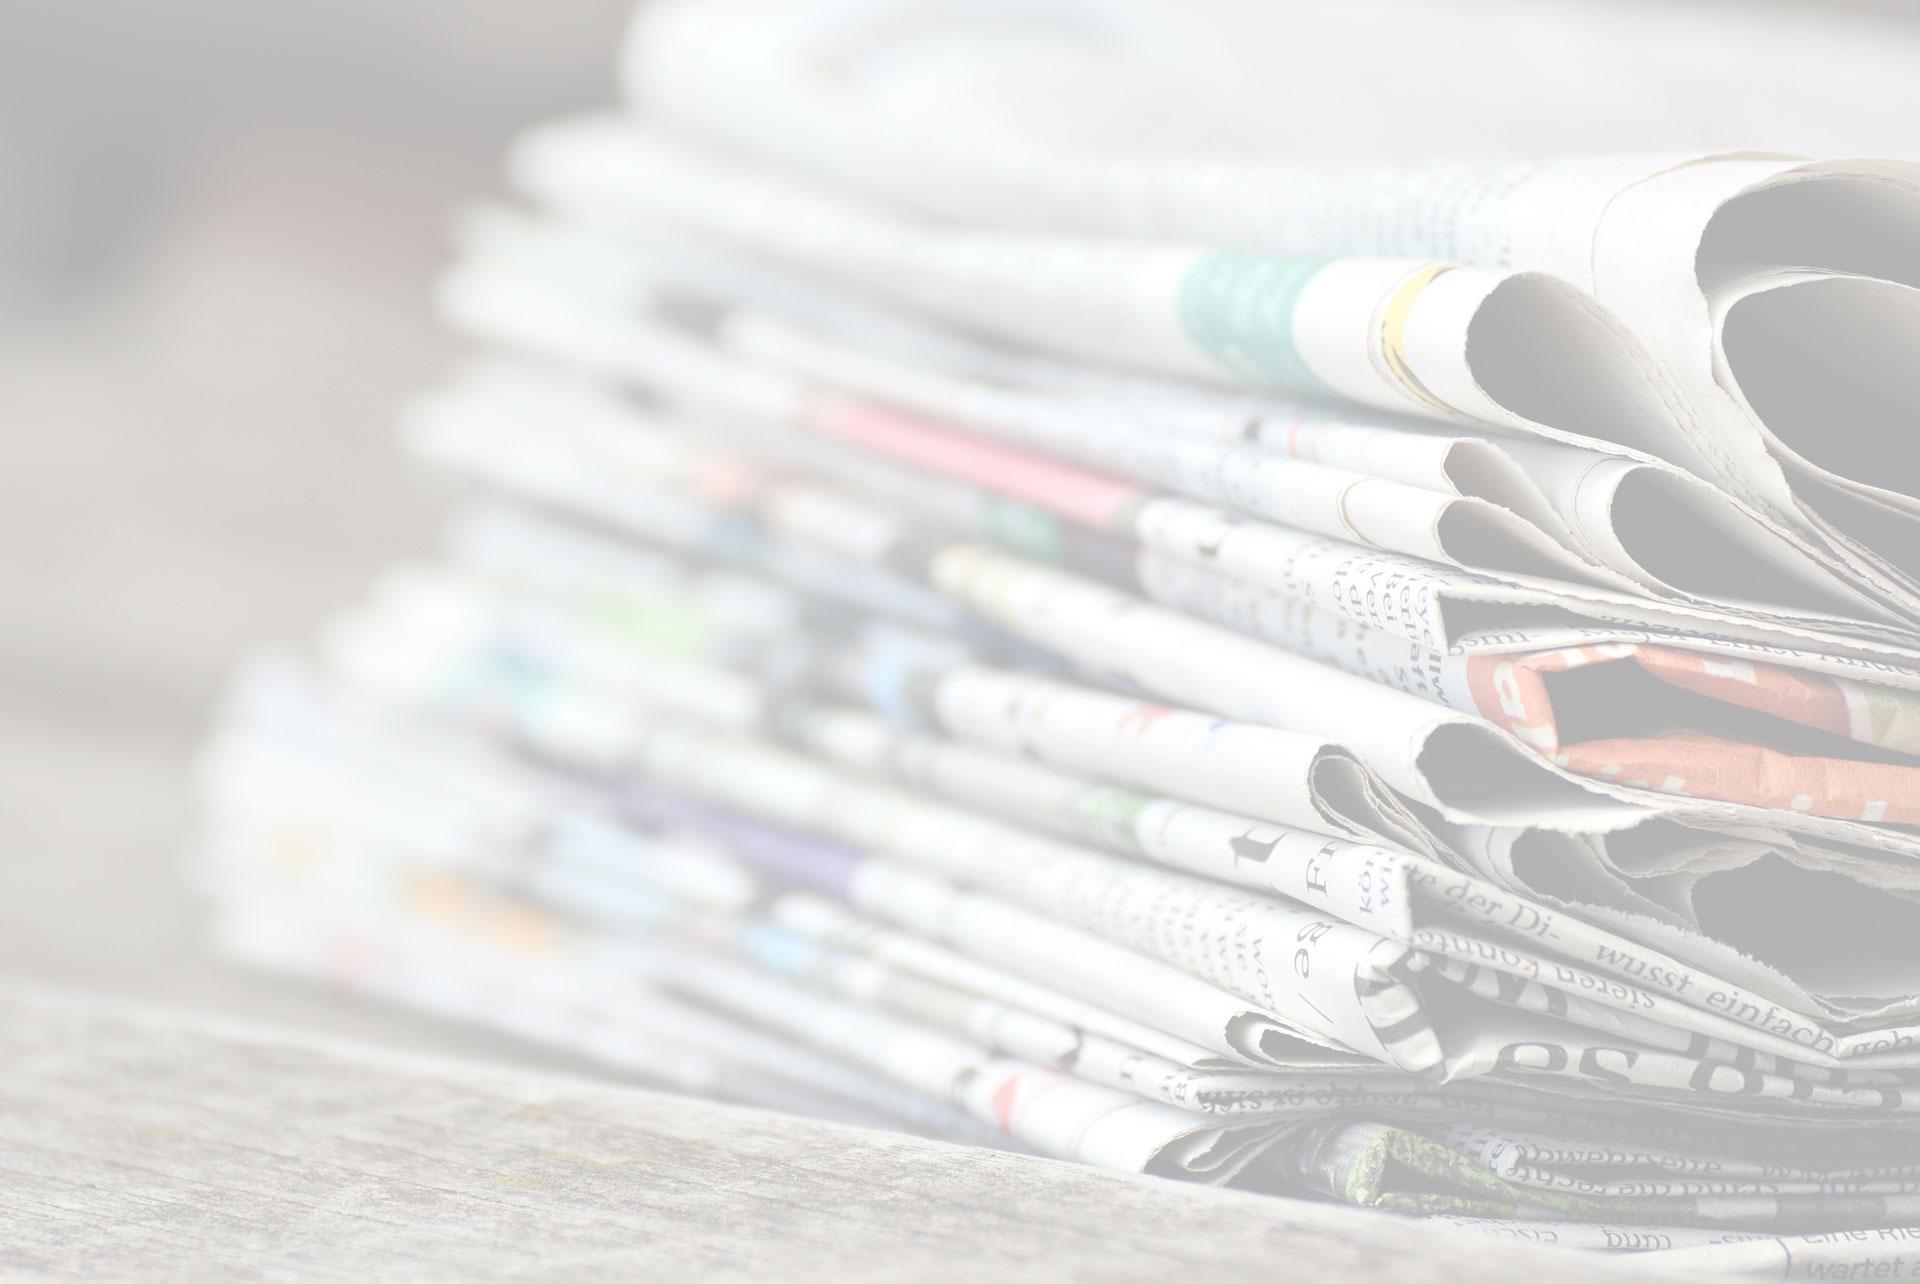 Sacchi e Baresi con la Coppa Intercontinentale (1989)